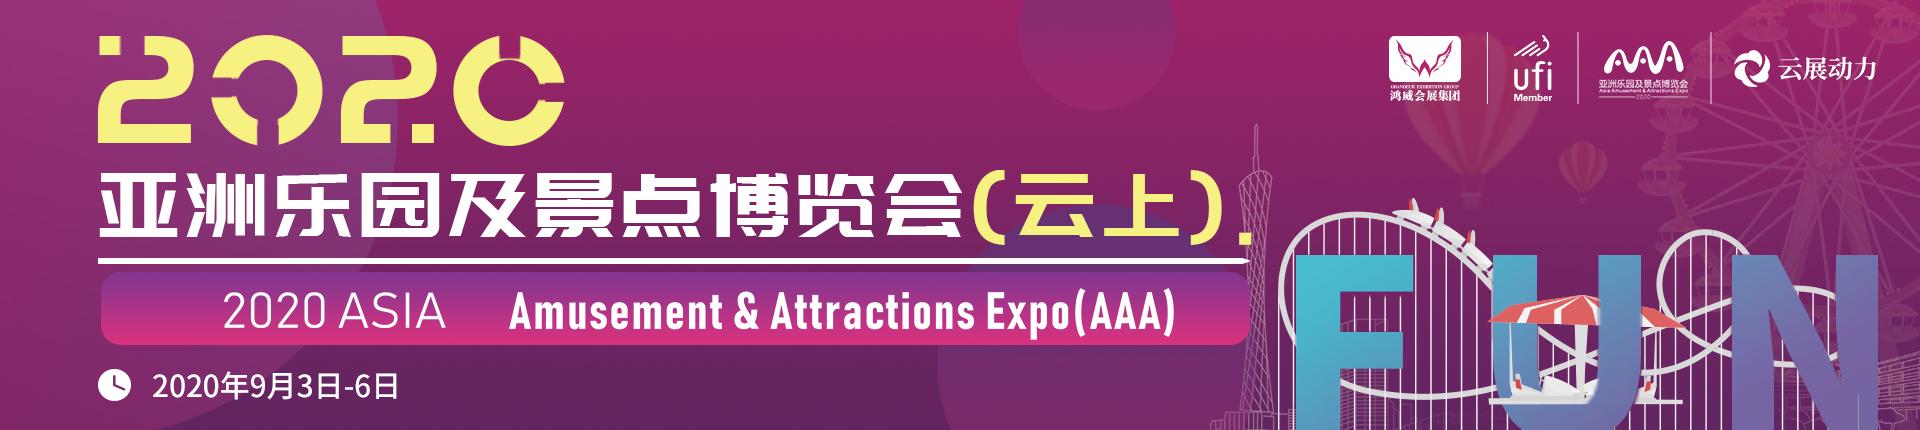 亚洲乐园及景点博览会